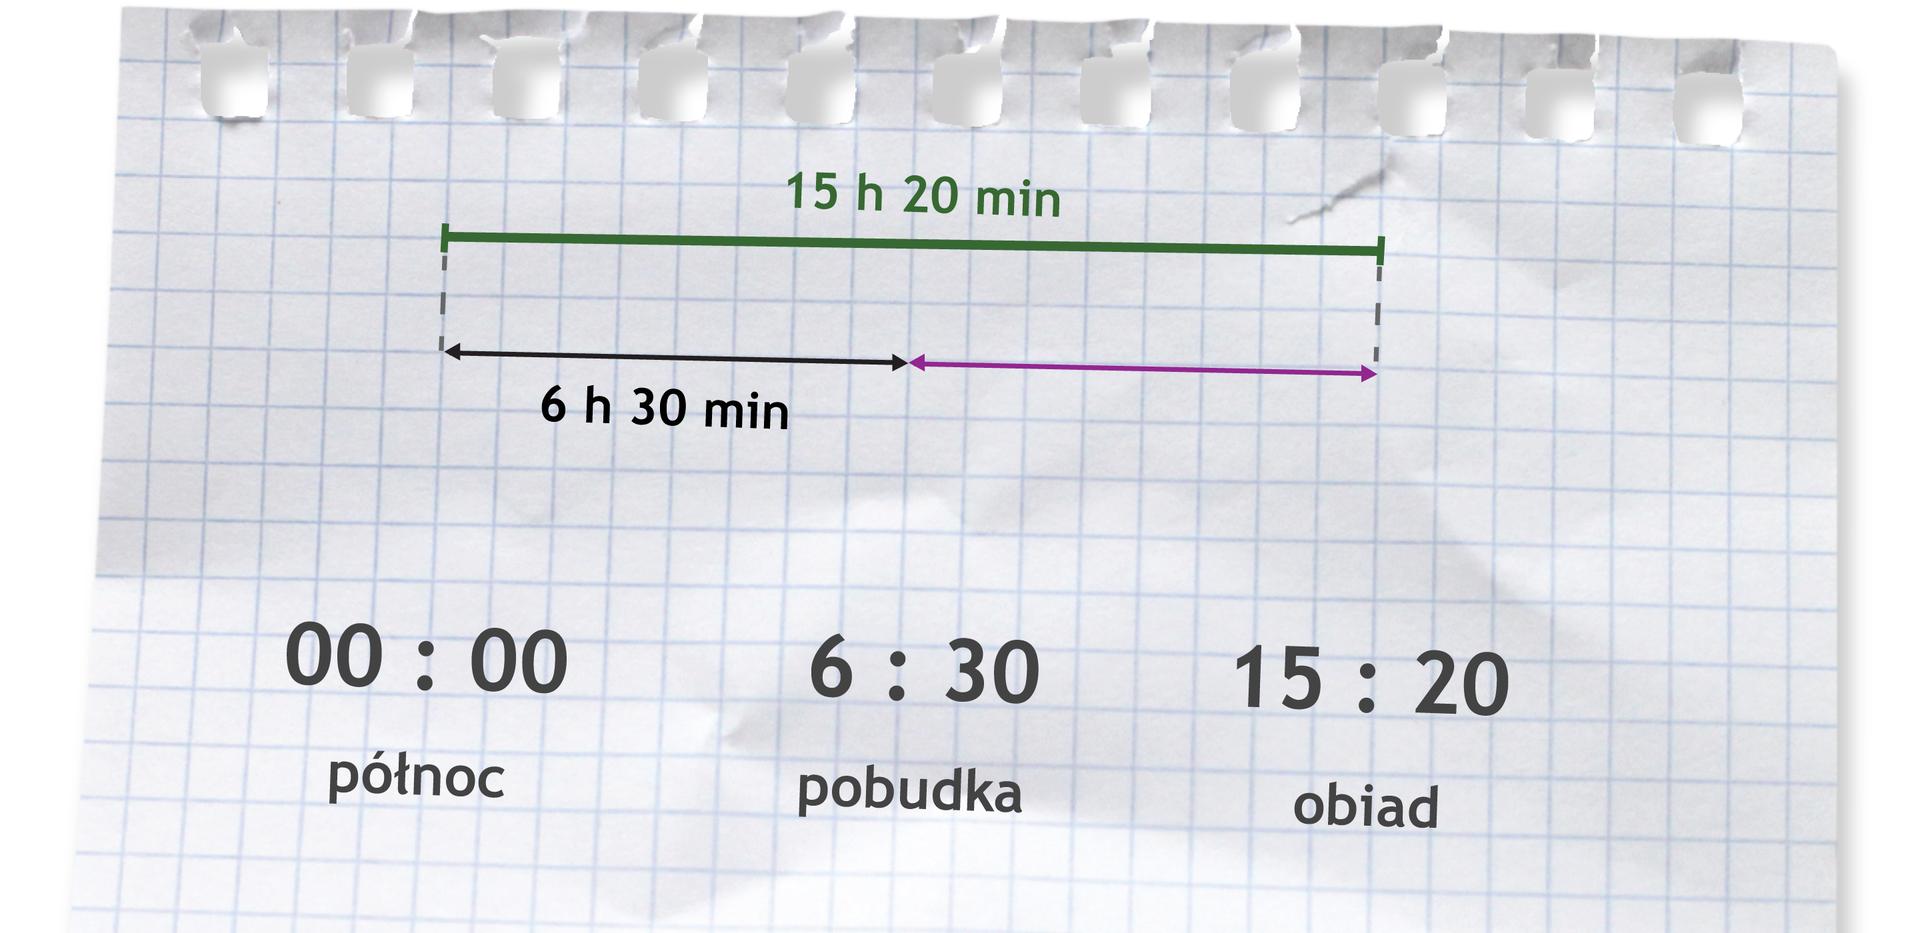 Rysunek odcinka podzielonego na dwie równe części. Pod pierwszą częścią napisane 6 h30 min. Nad odcinkiem napisane 15 h20 min. Zapis 00:00 (północ), 6:30 (pobudka), 15:20 (obiad).